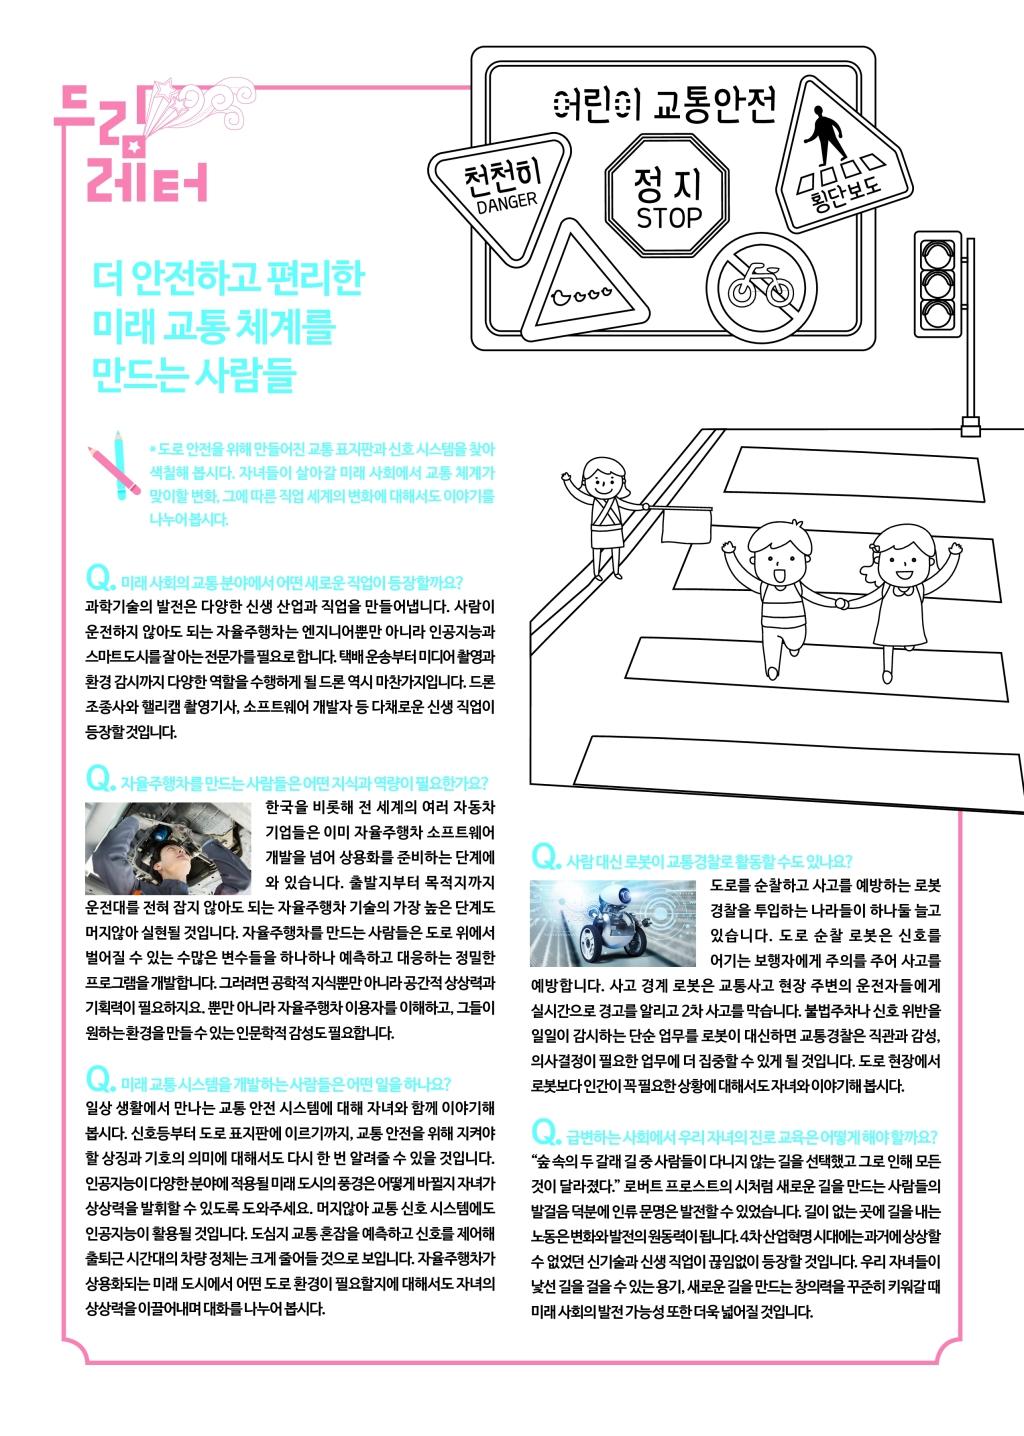 [일반] 2019_13호 자녀의 꿈을 지원하는 학부모 진로 소식지의 첨부이미지 2